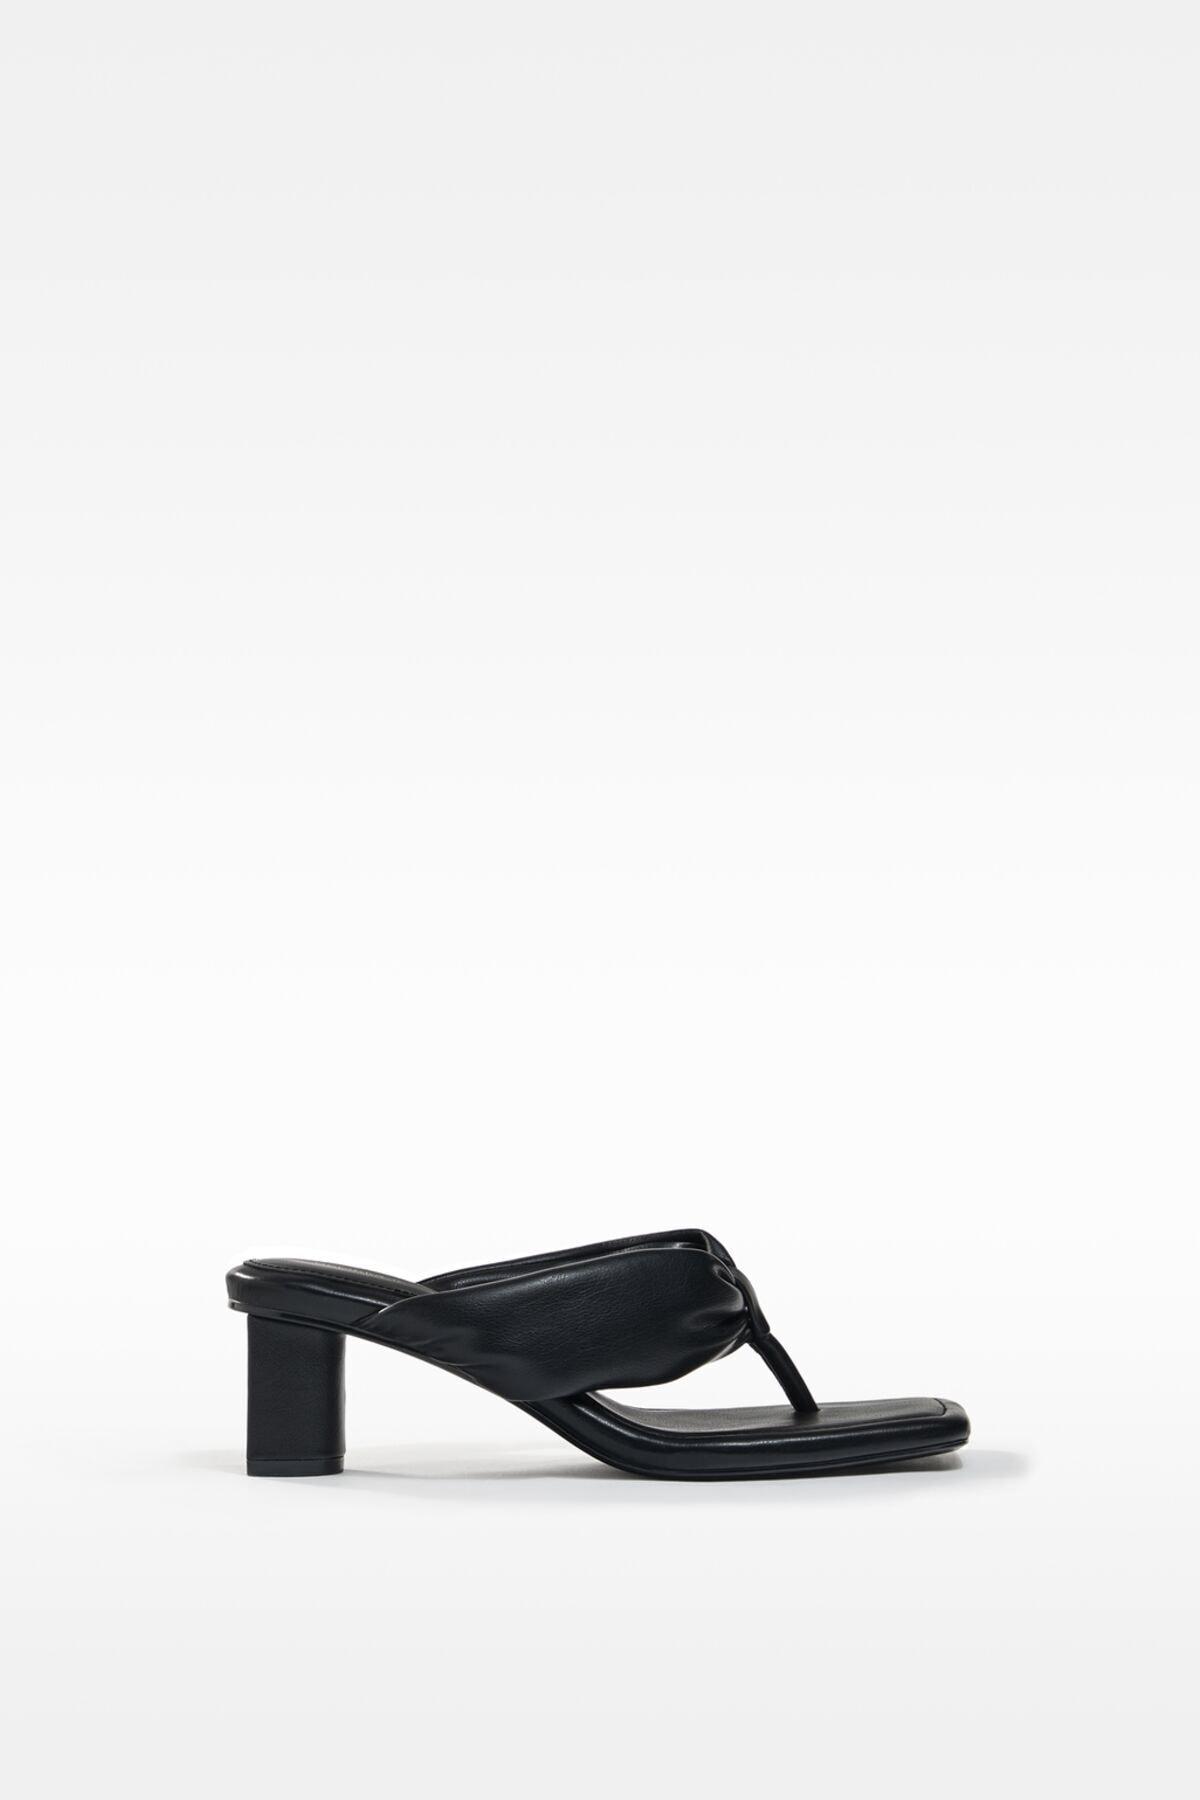 Bershka Kadın  Dolgulu Bantlı Topuklu Sandalet